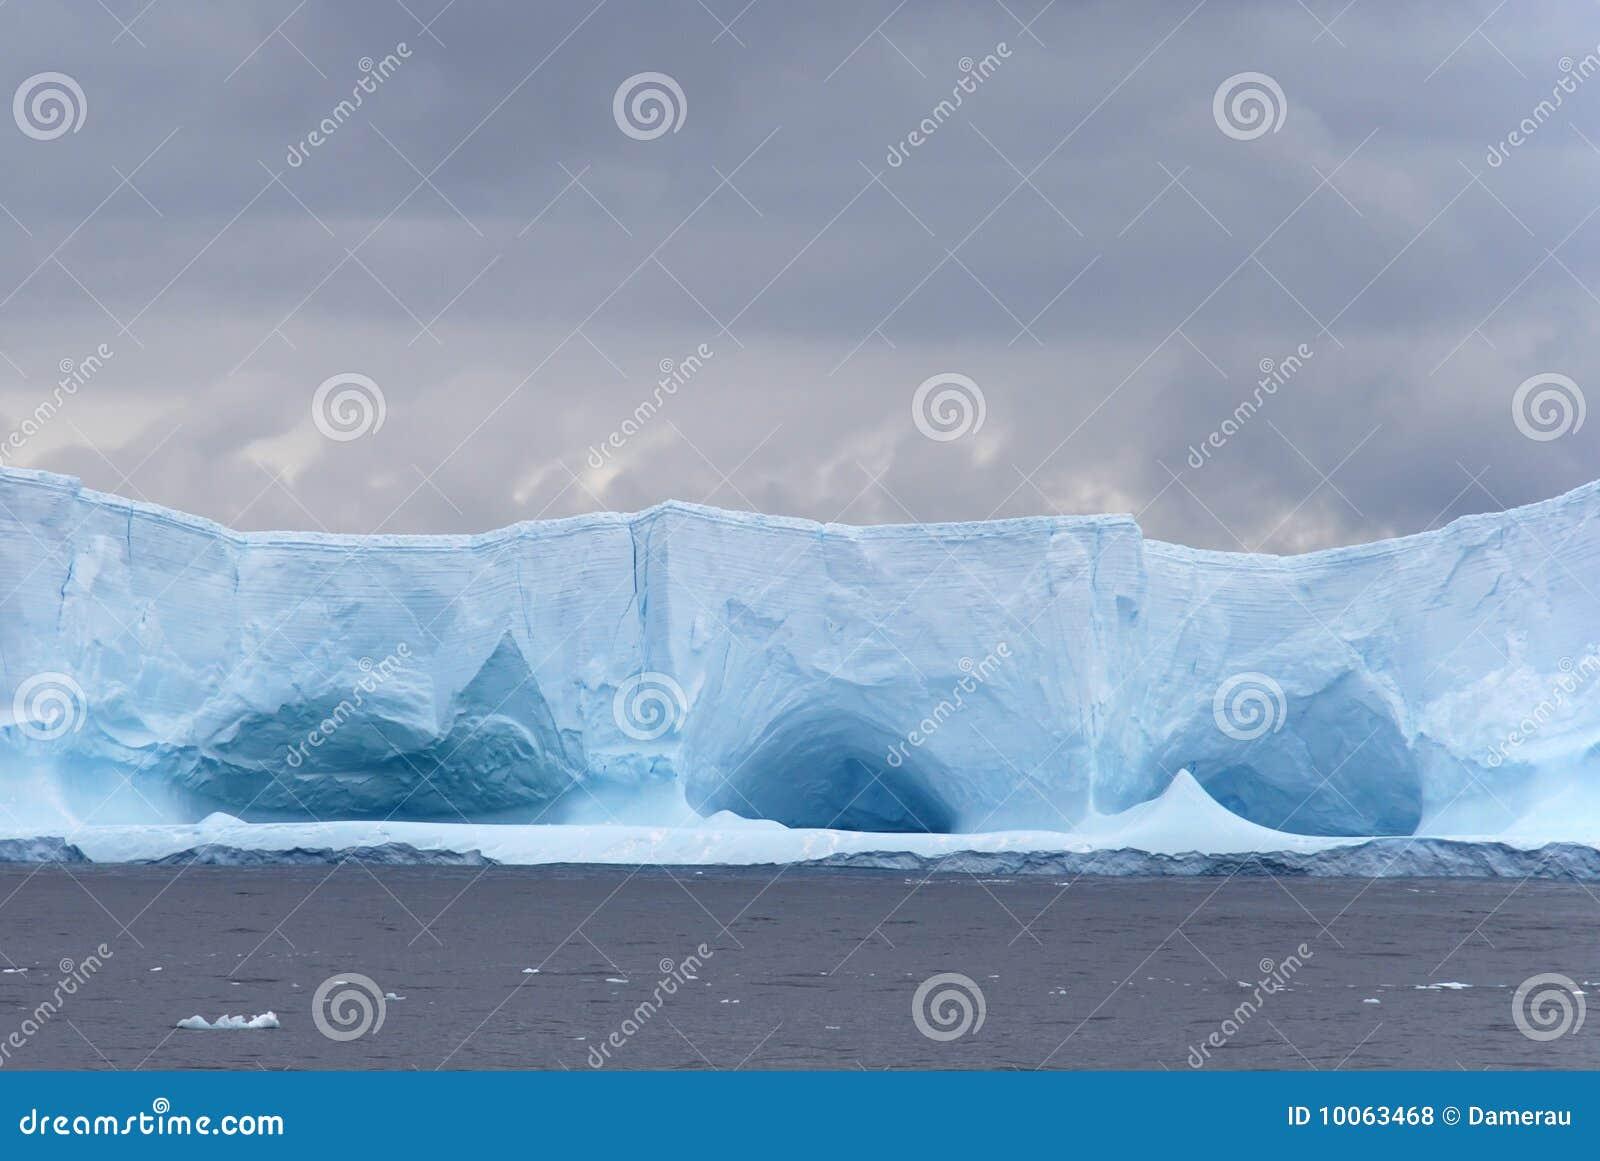 Iceberg desabado